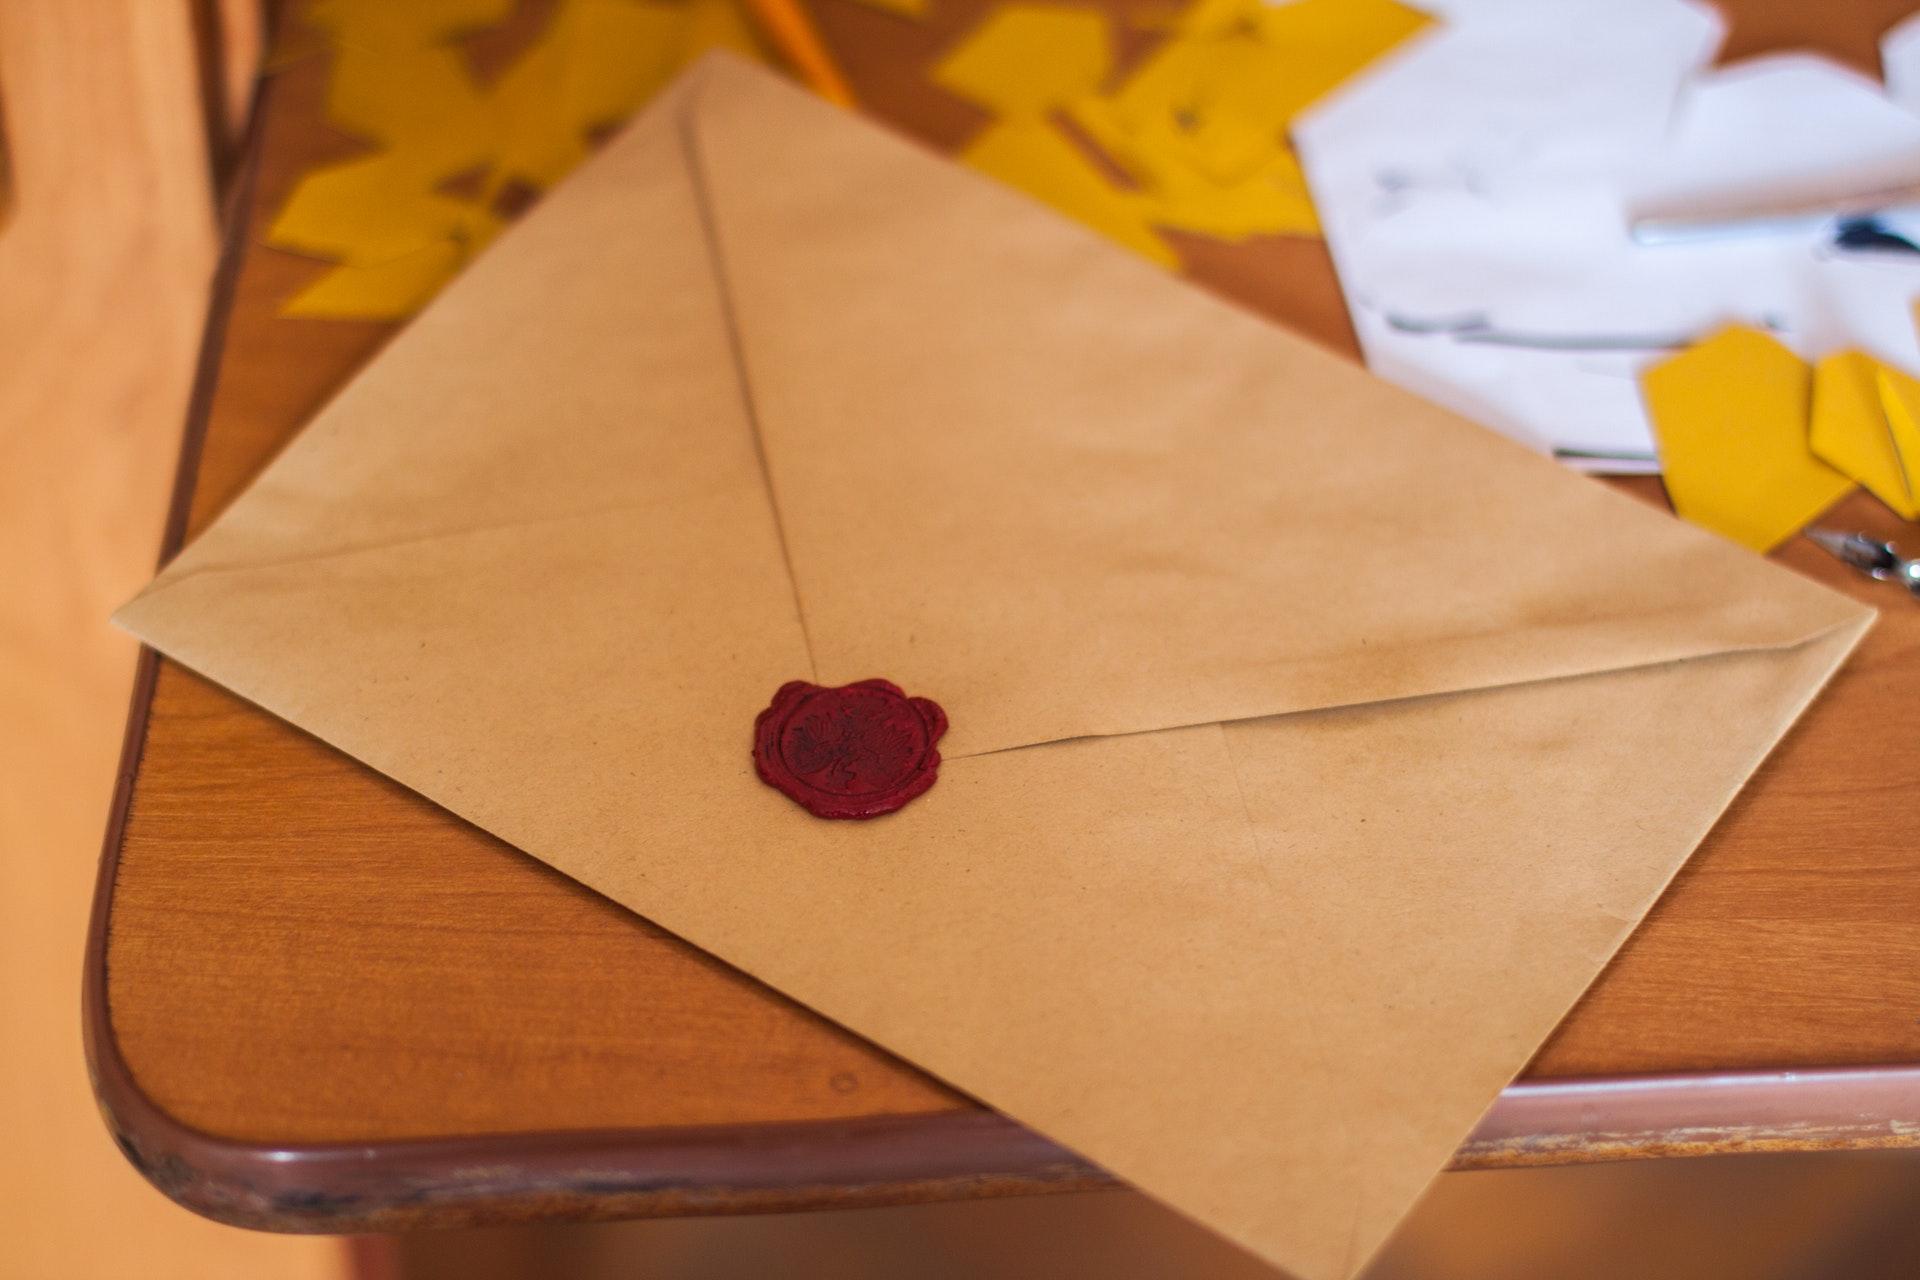 Mail Confermata: quanto costa inviare a condomini e inquilini delle mail ordinarie con pieno valore legale?